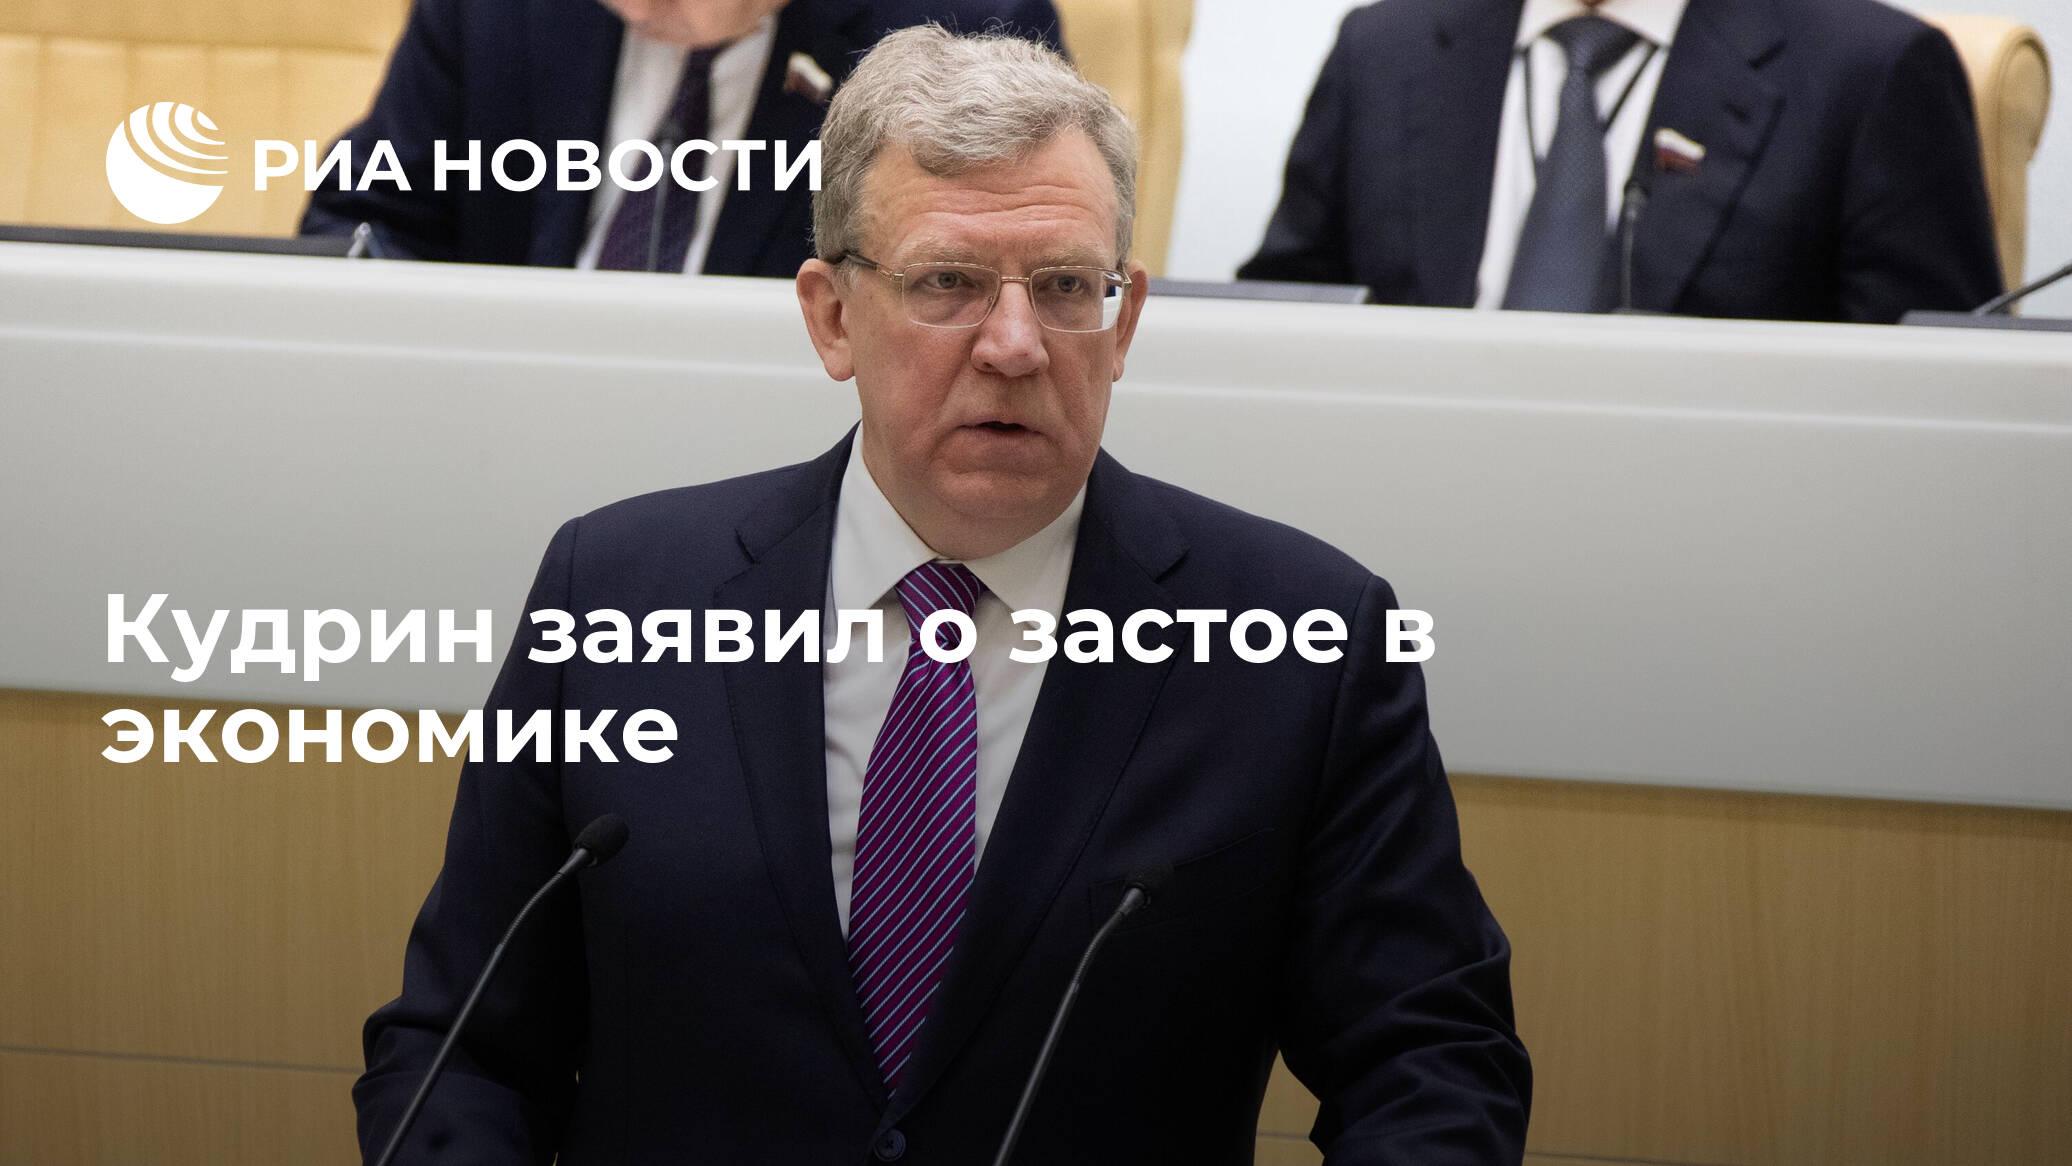 Российская экономика находится в состоянии застоя, заявил Кудрин